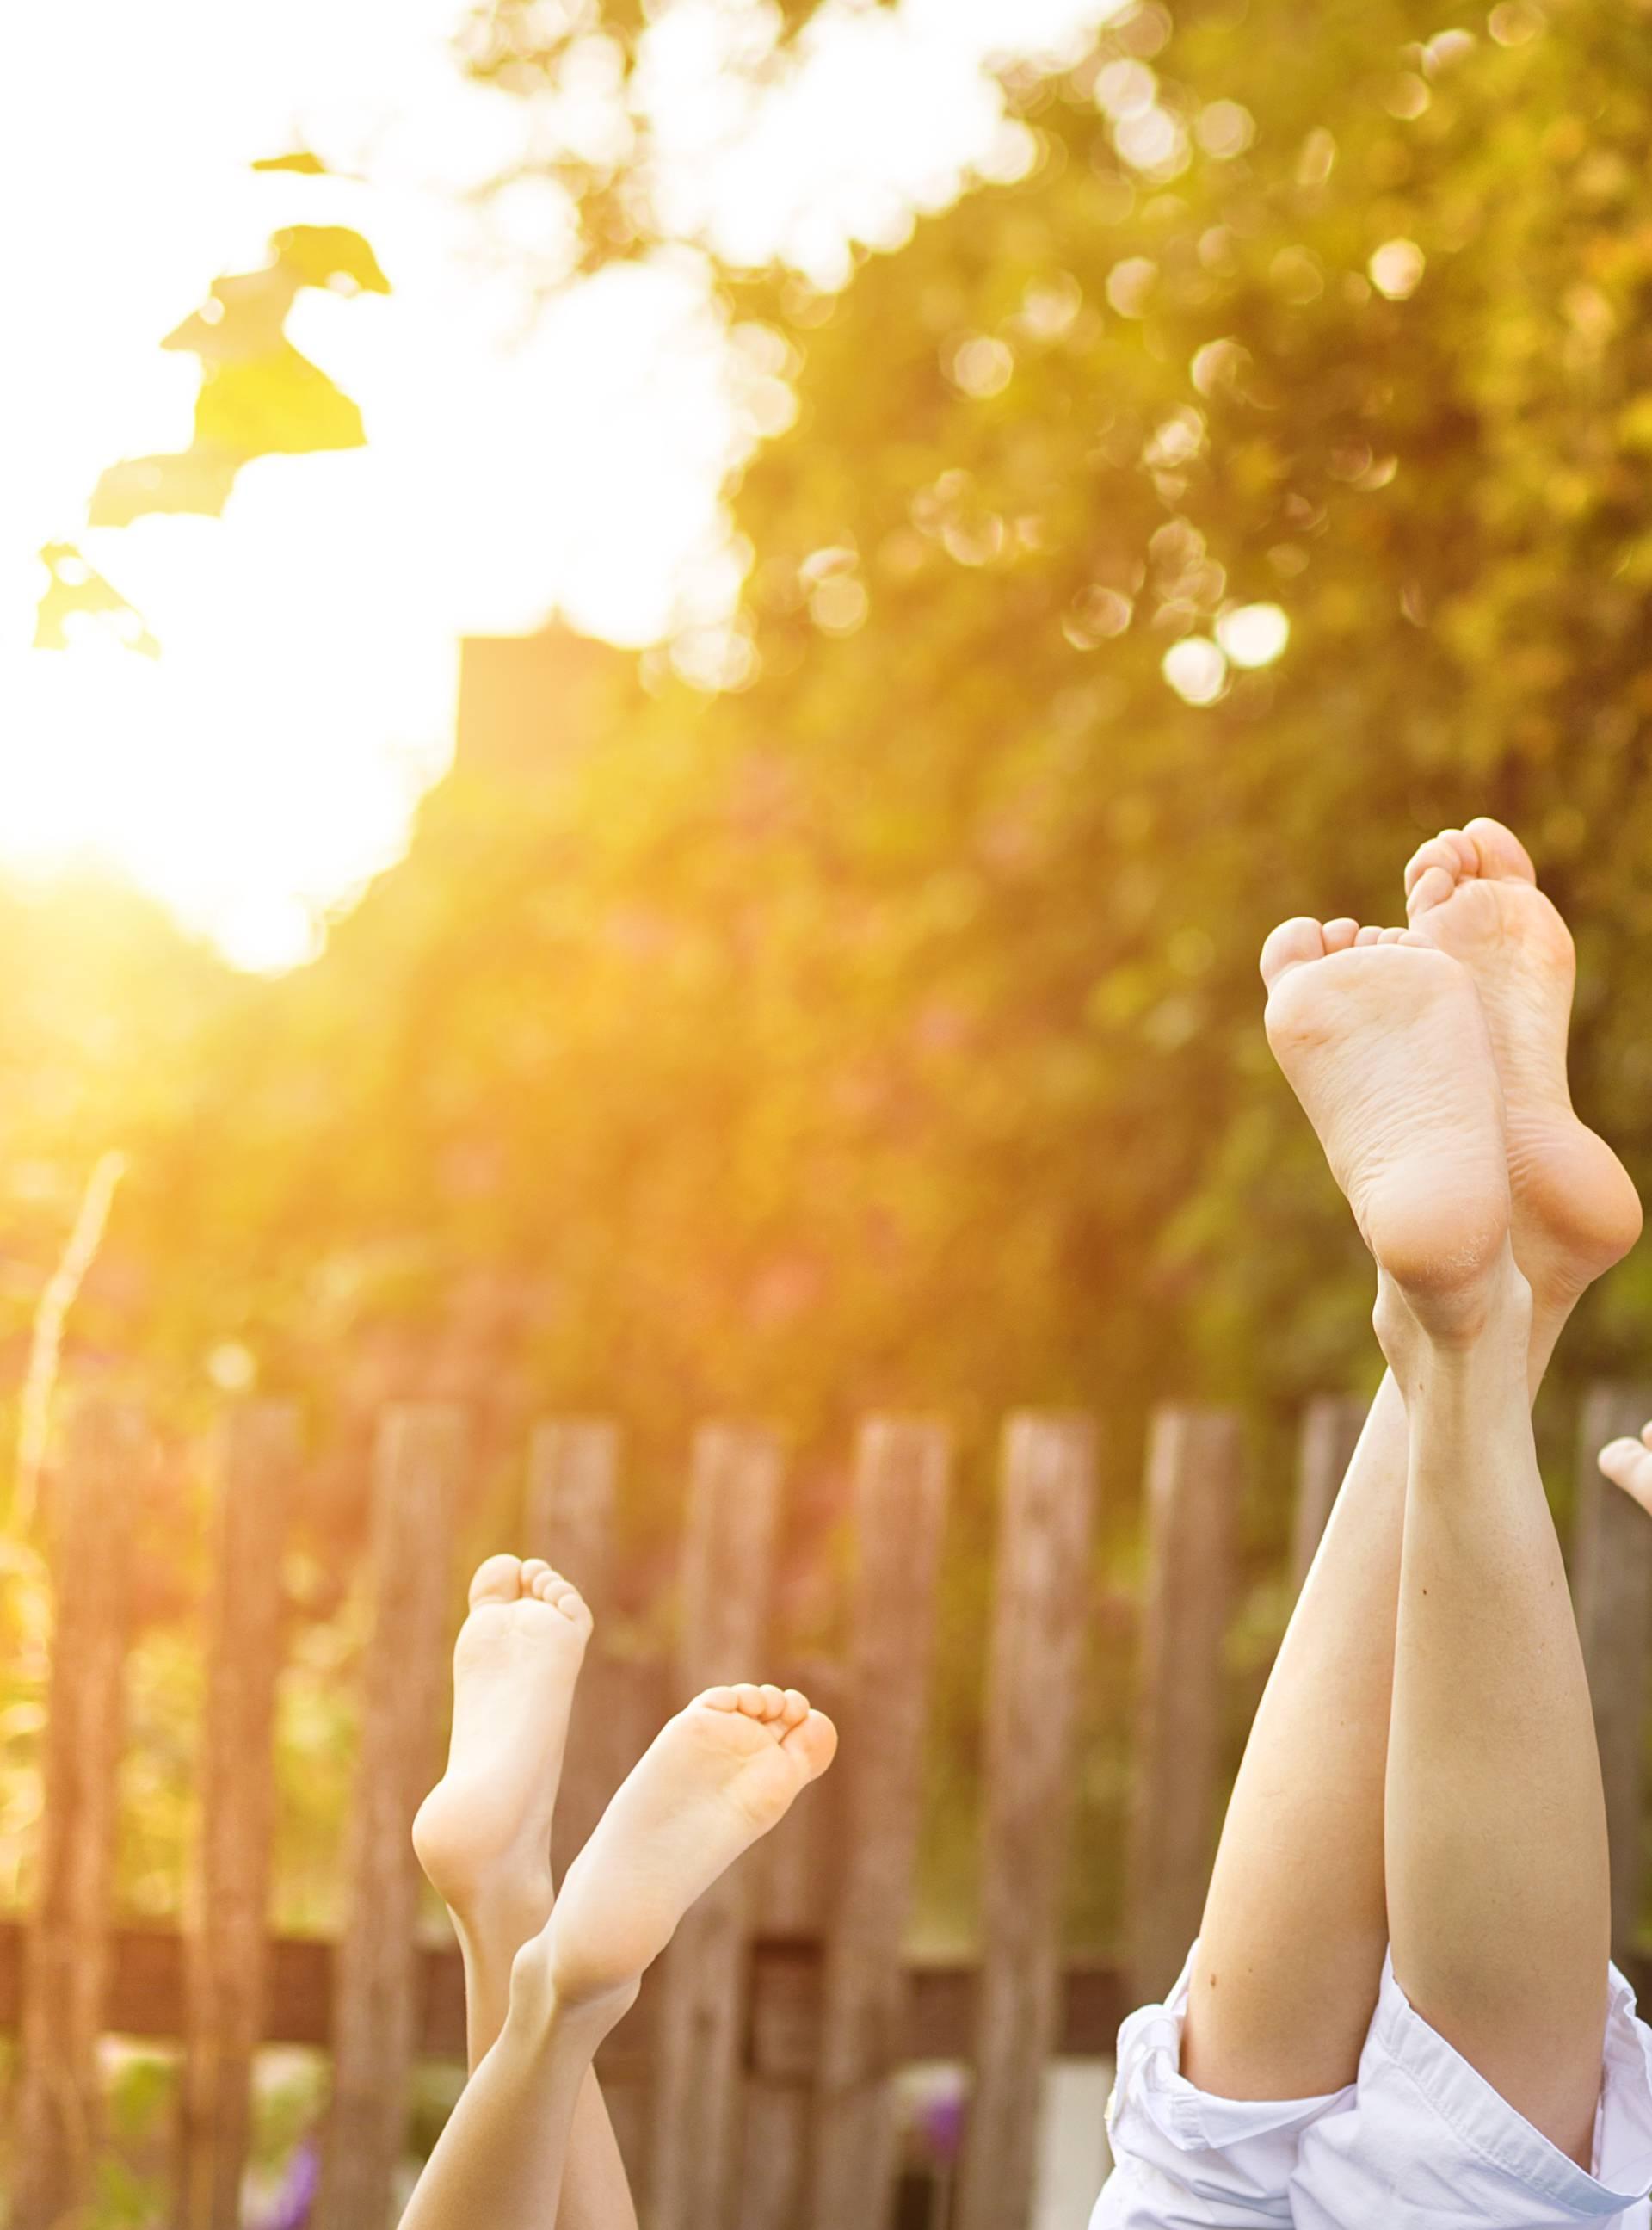 Stopala kao ogledalo zdravlja: Miris i rane znak su dijabetesa